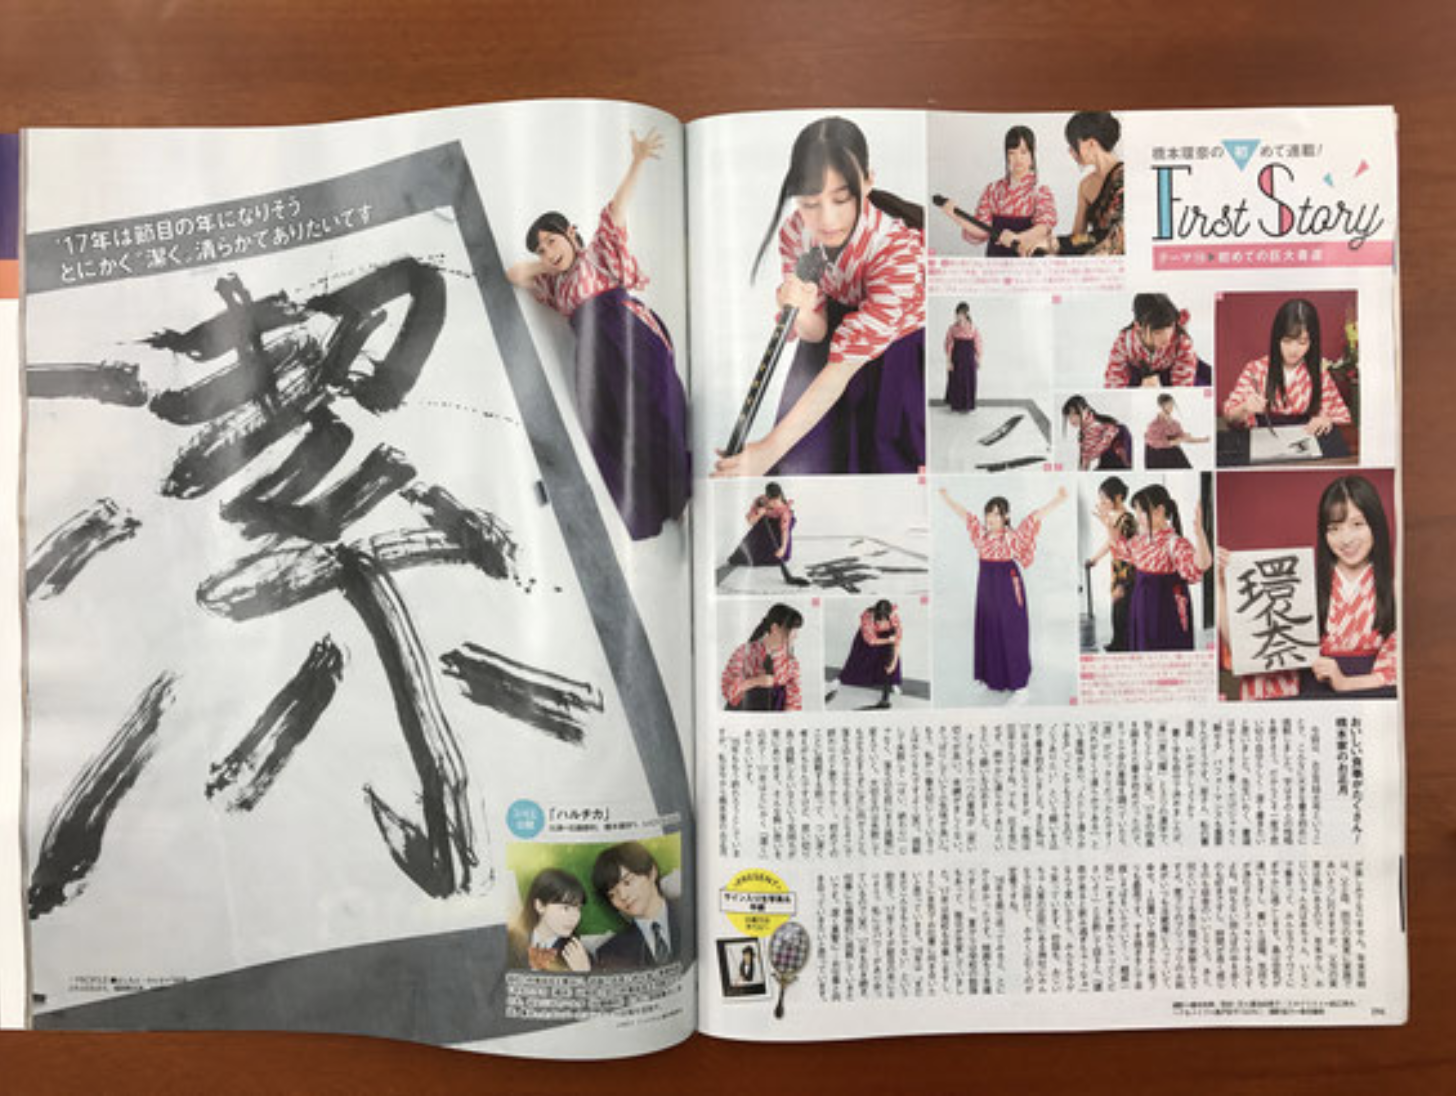 2016年12月 月刊ザテレビジョン 新春特大号 194ページに撮影協力で掲載されました。